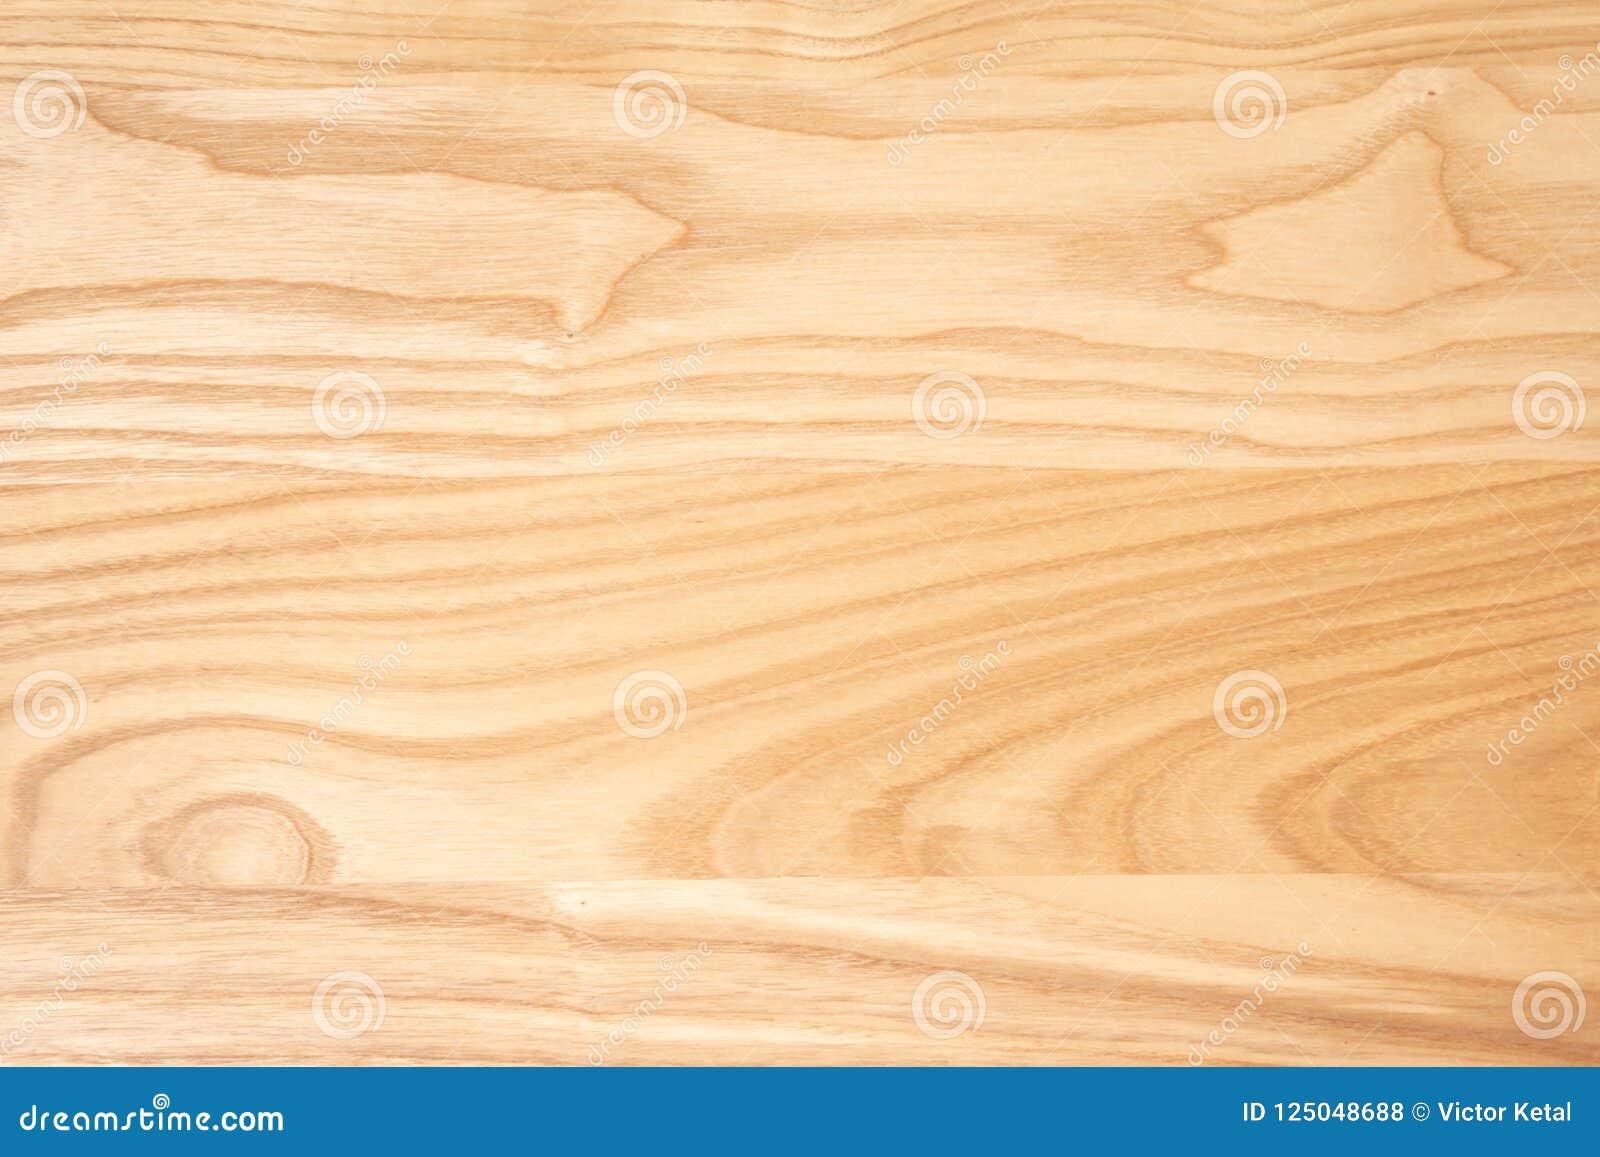 沼泽灰纹理绿色灰或洋白蜡树岑属pennsylvanica 吉他做的追寻的木头 对角落的锐利